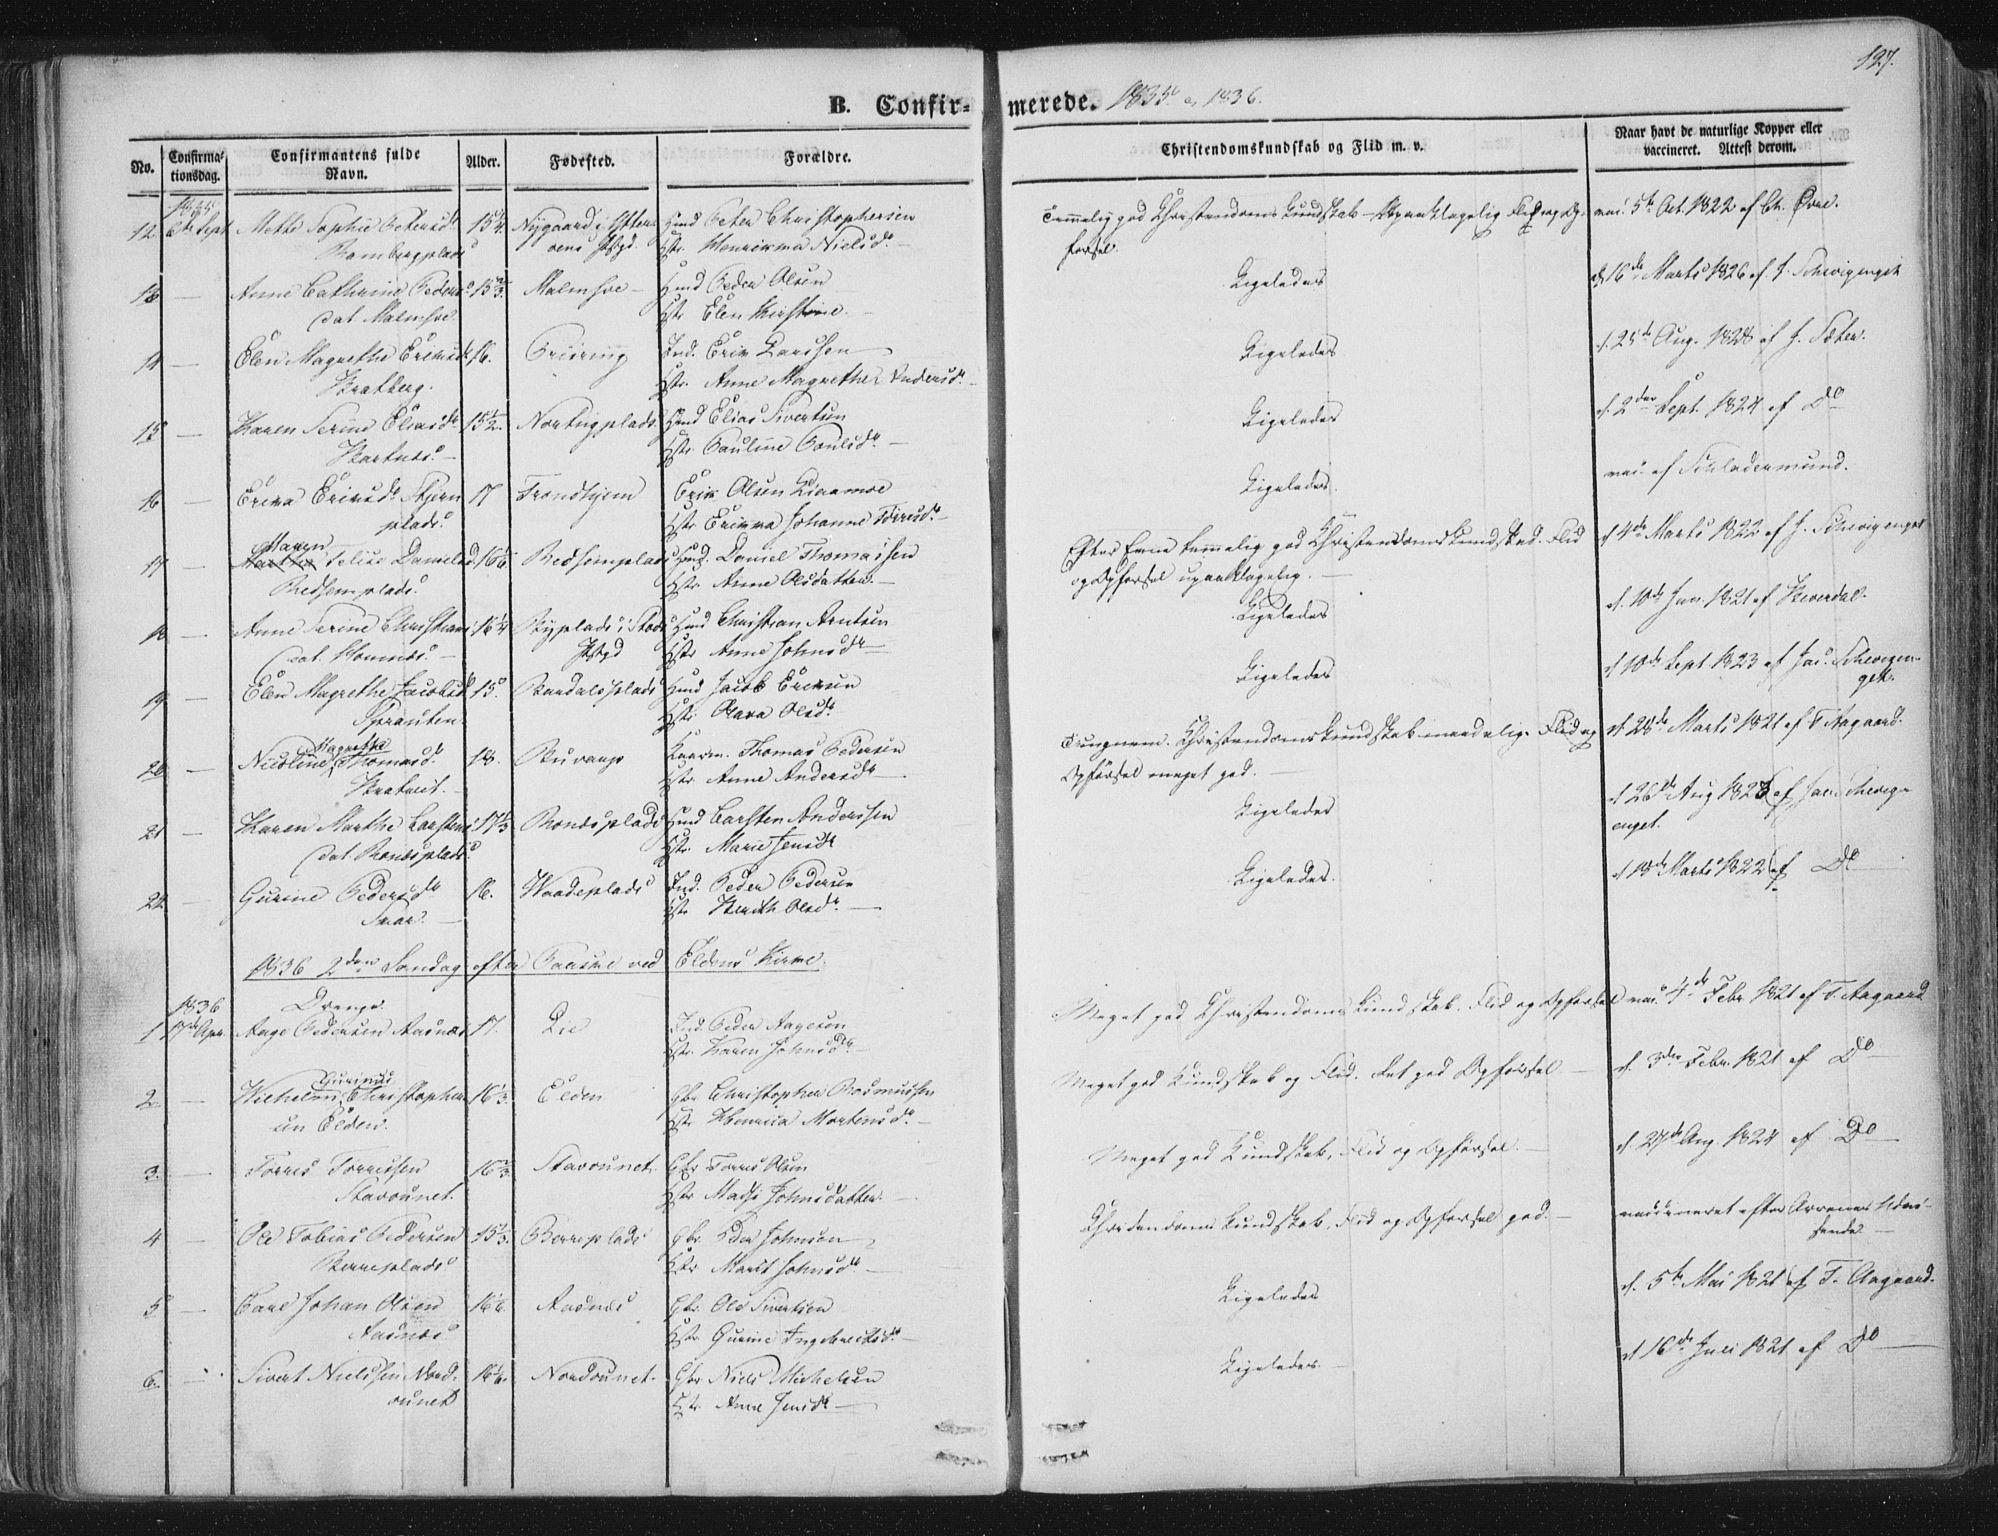 SAT, Ministerialprotokoller, klokkerbøker og fødselsregistre - Nord-Trøndelag, 741/L0392: Ministerialbok nr. 741A06, 1836-1848, s. 127